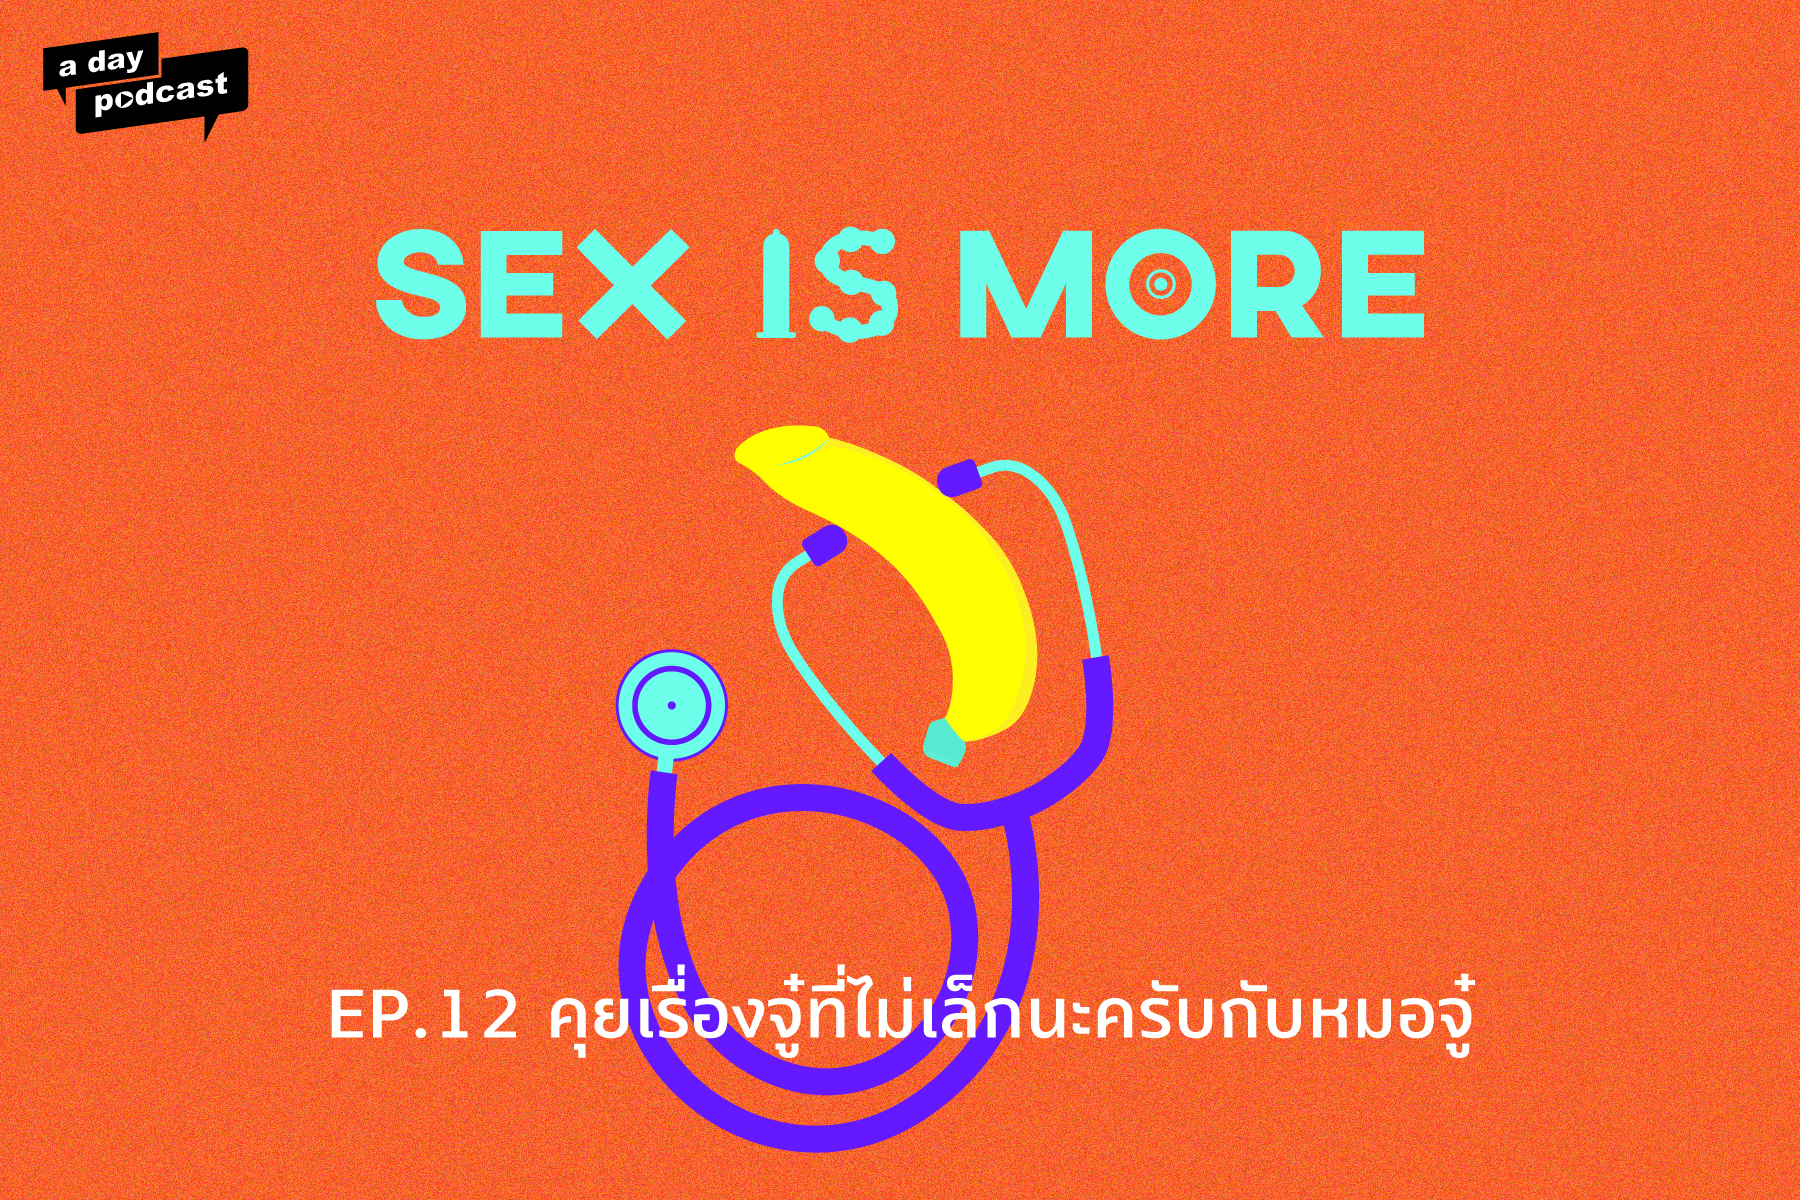 Sex is More EP.12 คุยเรื่องจู๋ที่ไม่เล็กนะครับกับหมอจู๋